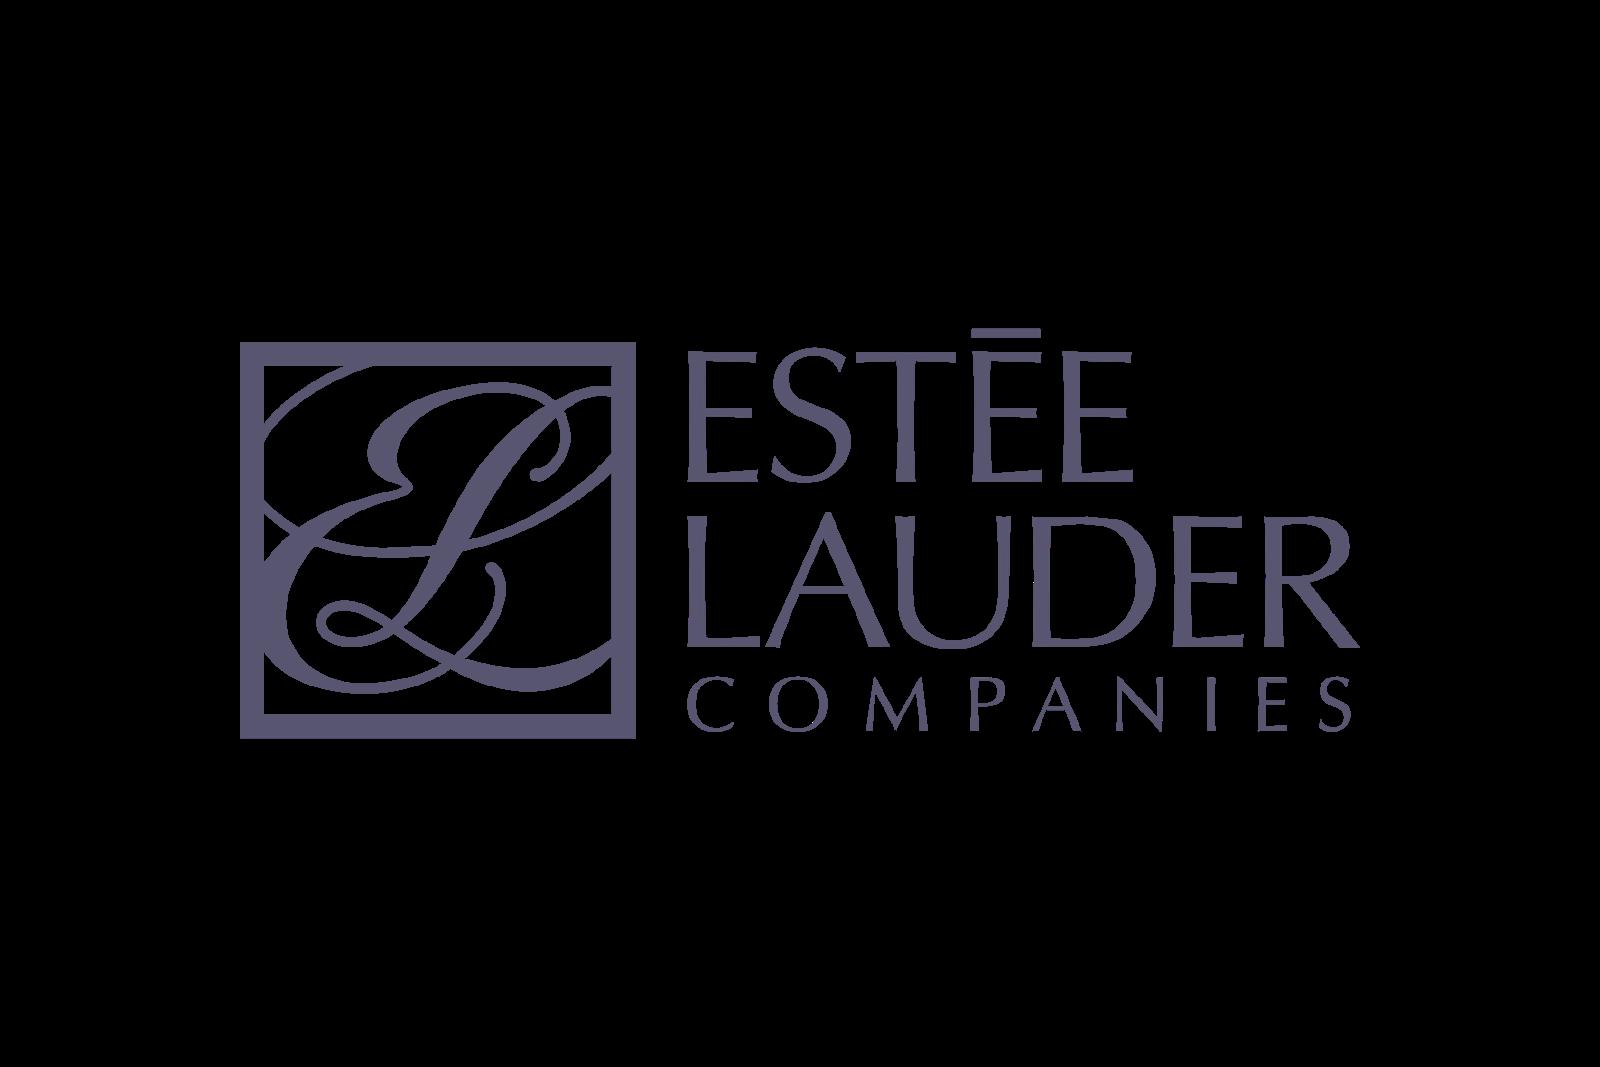 Cos Logo Design